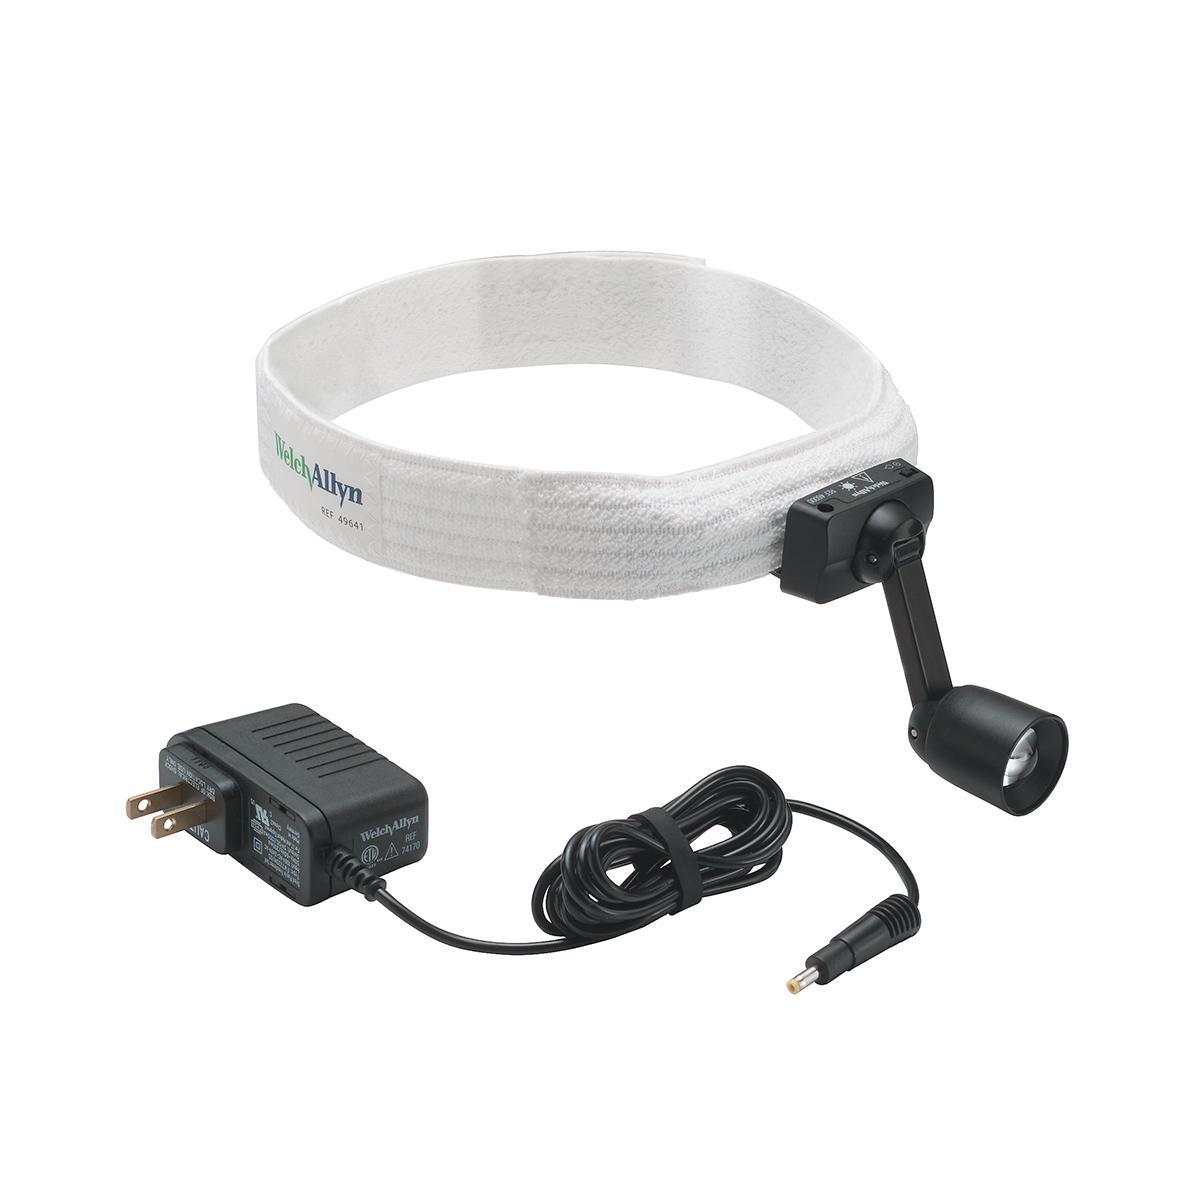 白色ヘッドバンドと電源コードに取り付けた 460 Green Series 診断ヘッドライト